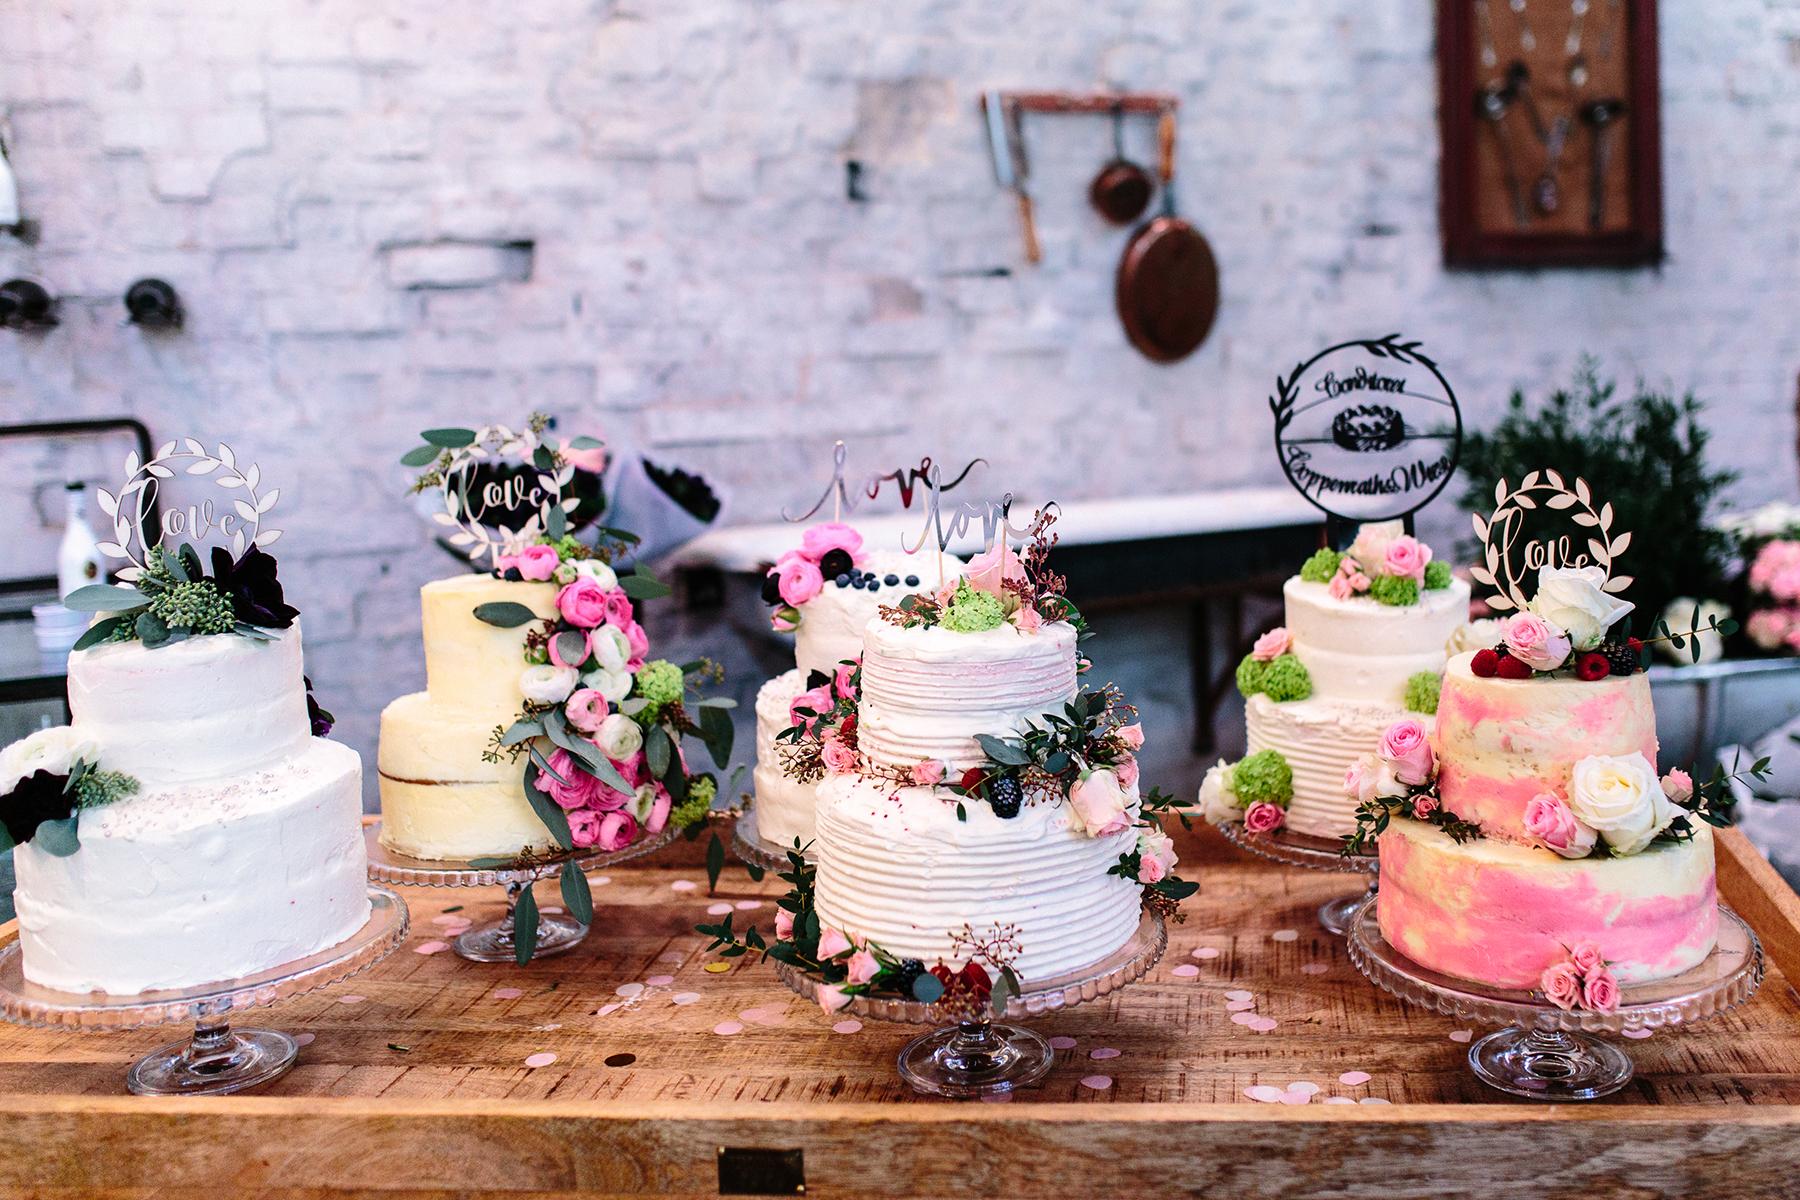 Bloggerevent: Hochzeitstorte selber machen 76